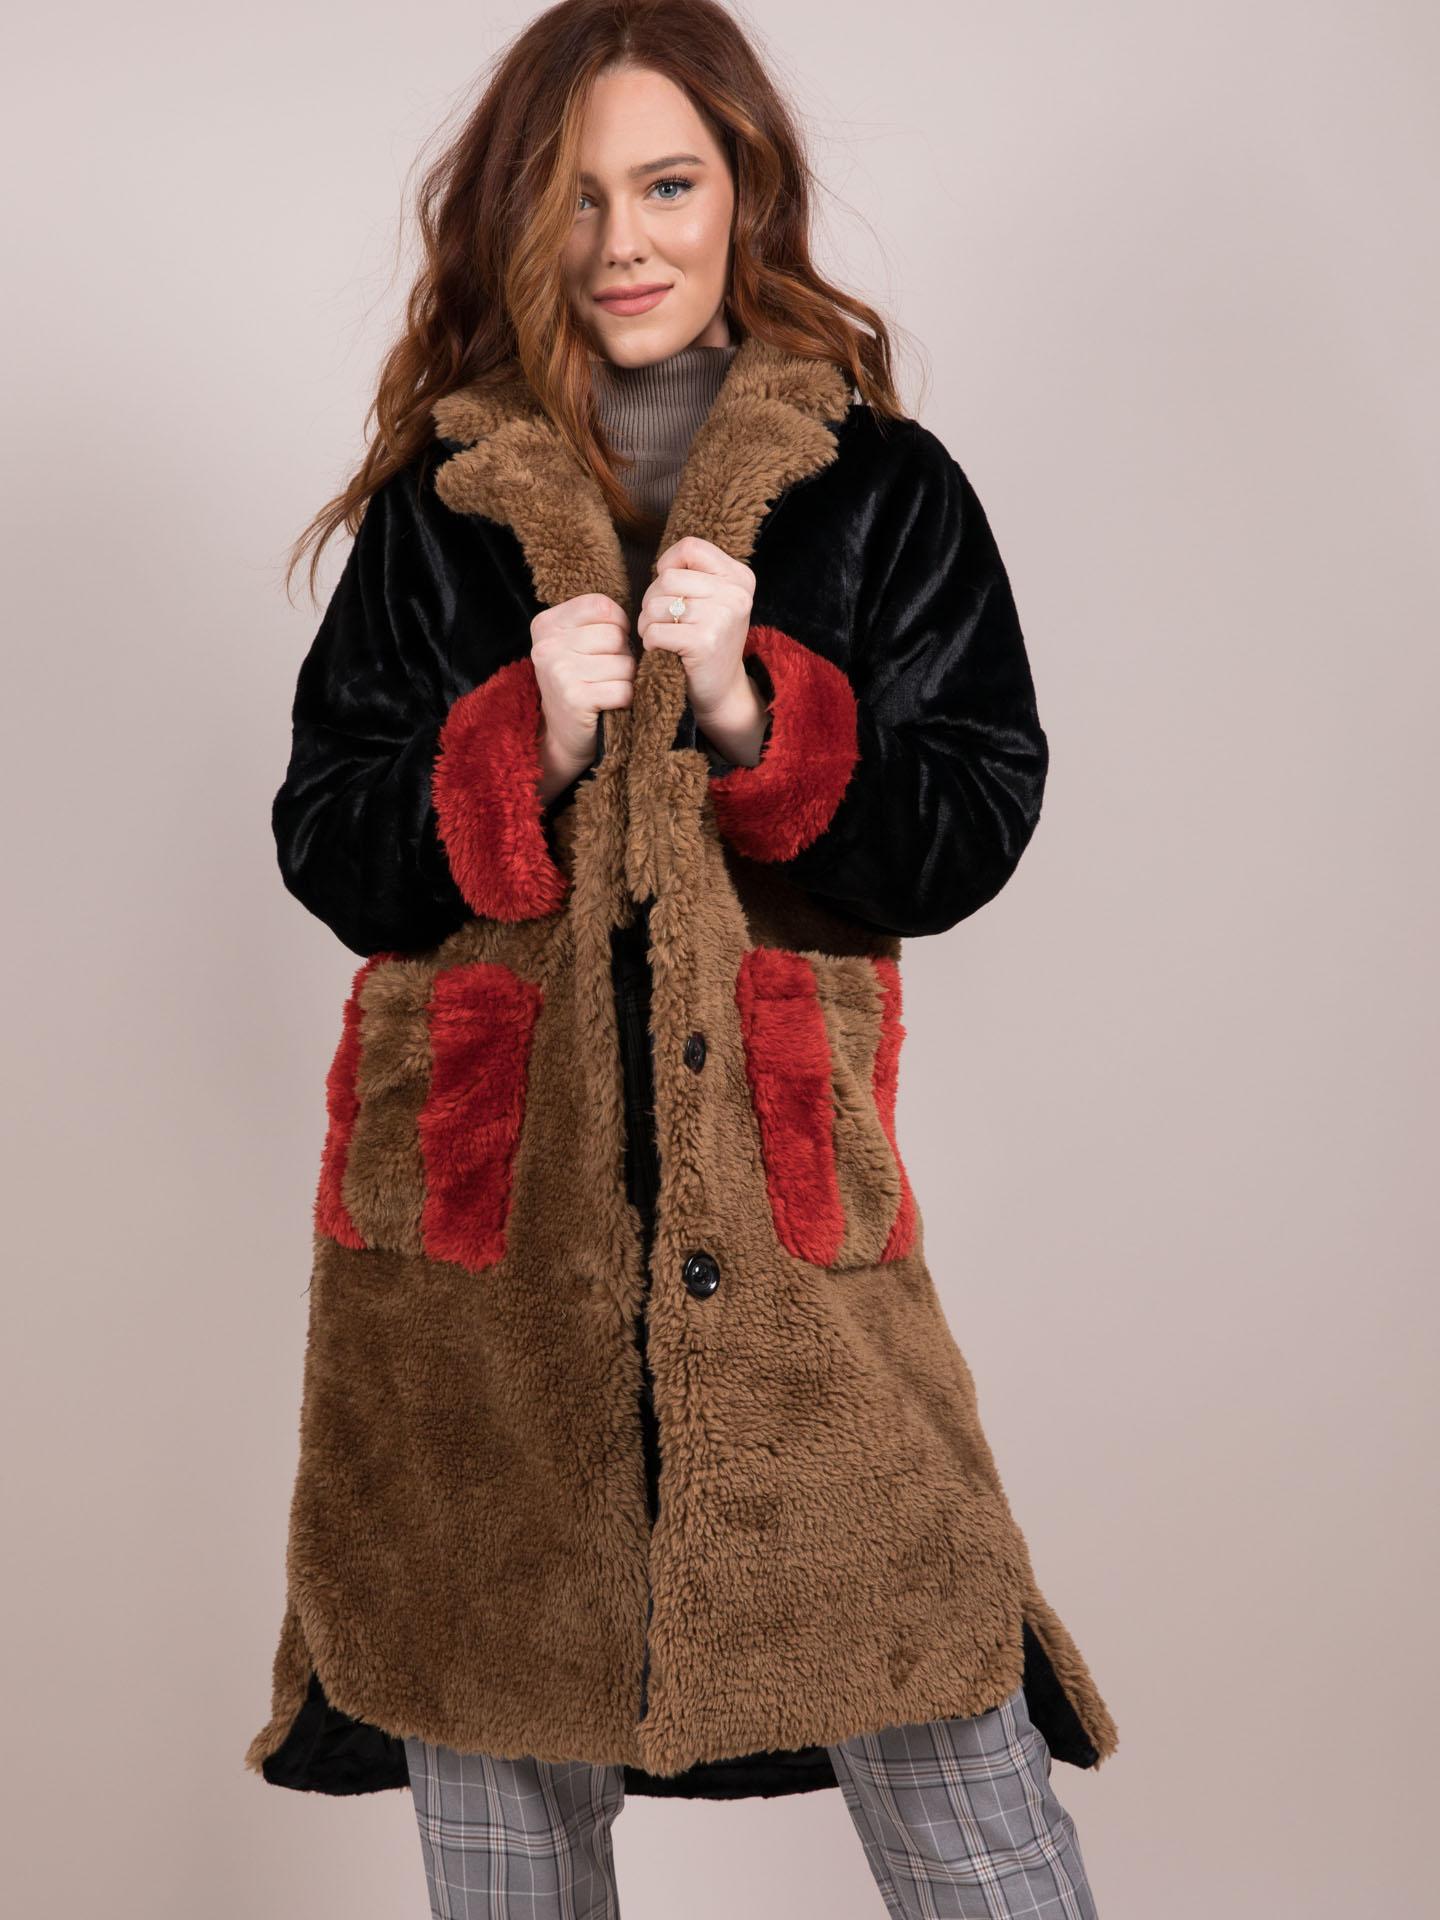 Heather Long Jacket Vintage Style Coat